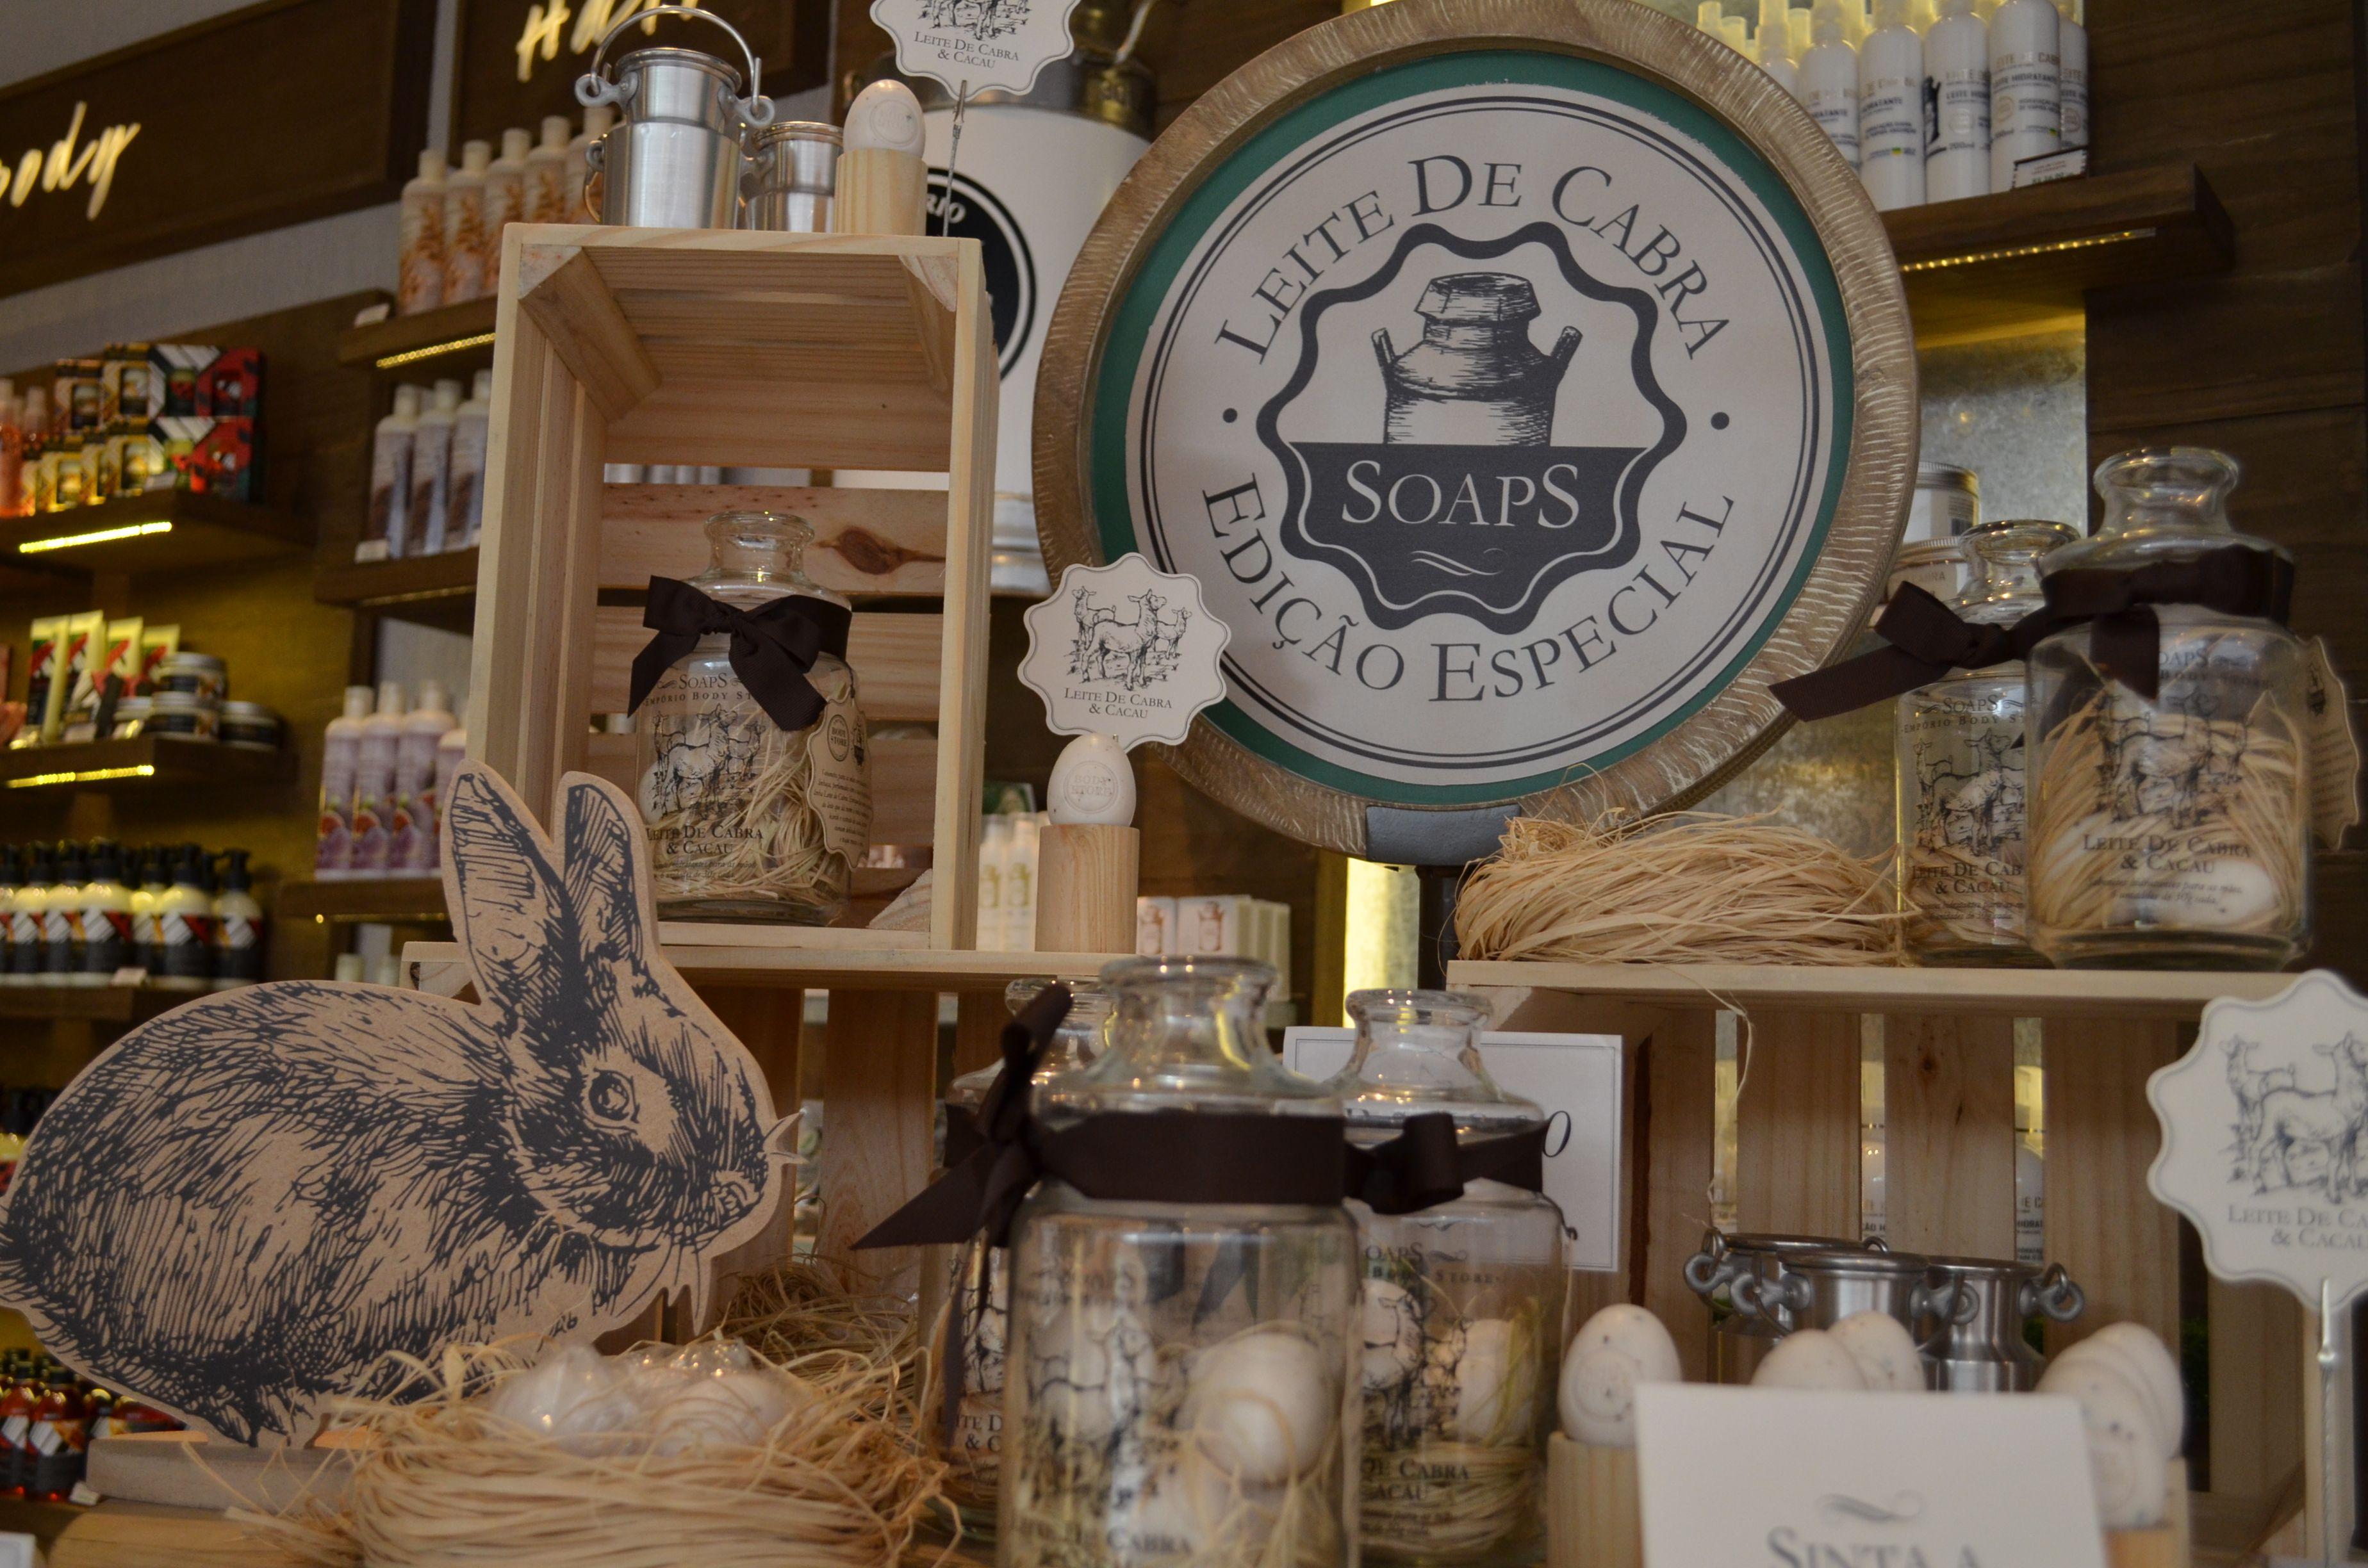 Sabonetes Empório Body Store